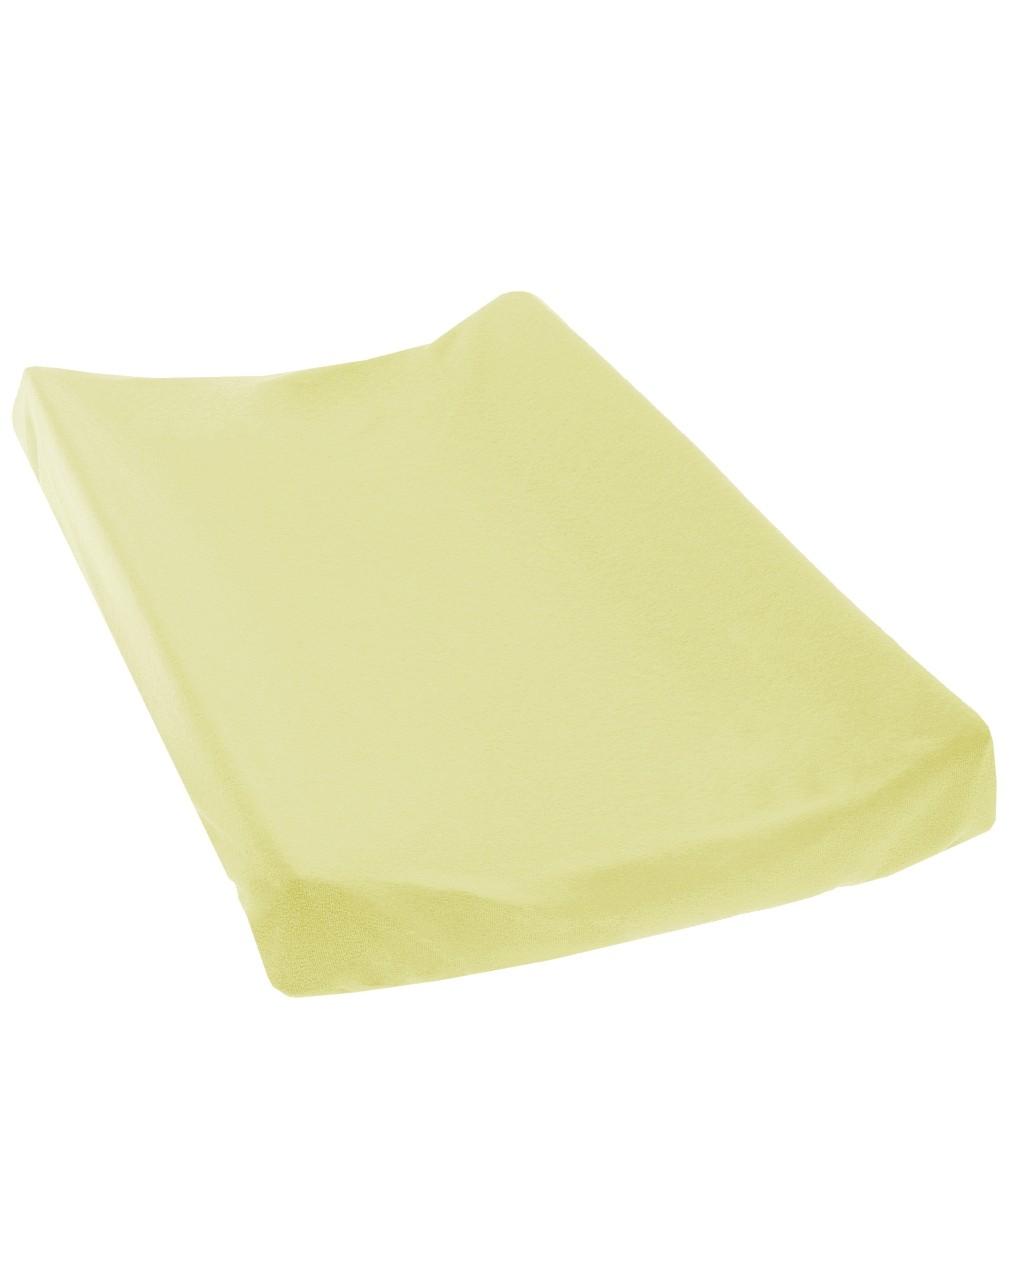 Universaler Bezug für Wickelauflage Yellow